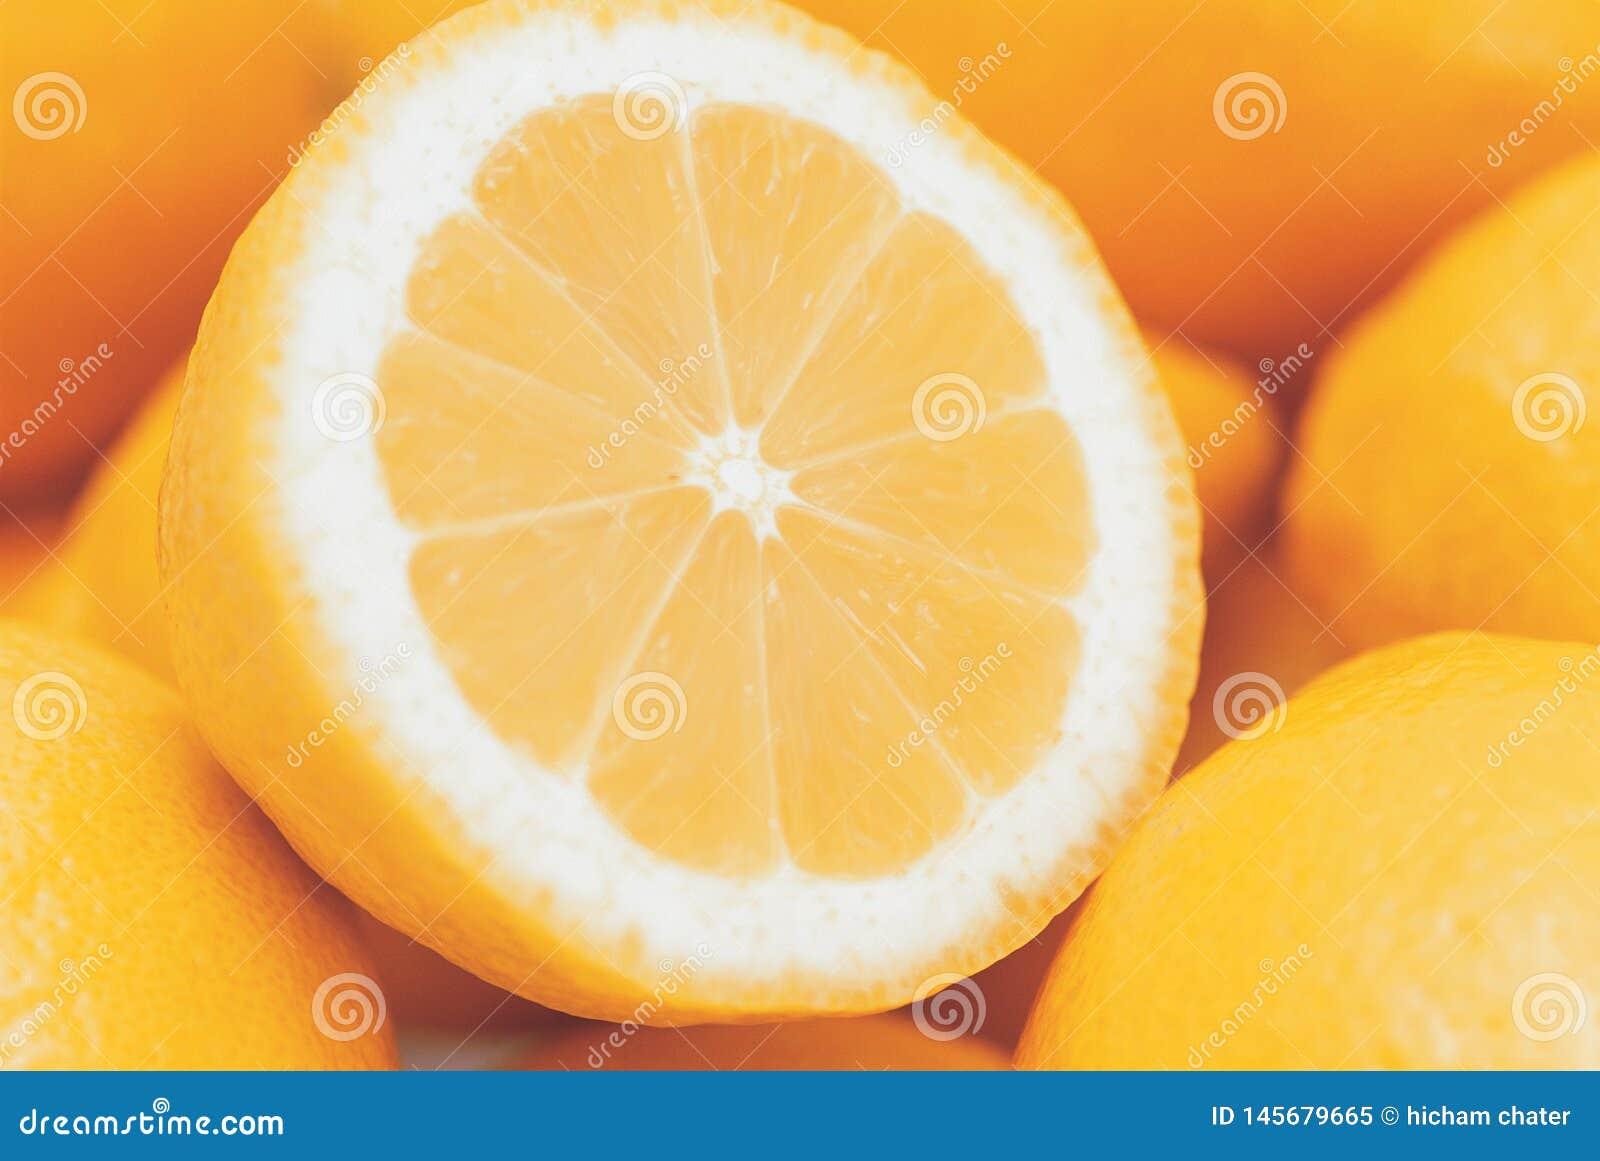 Citrusfruktskivor